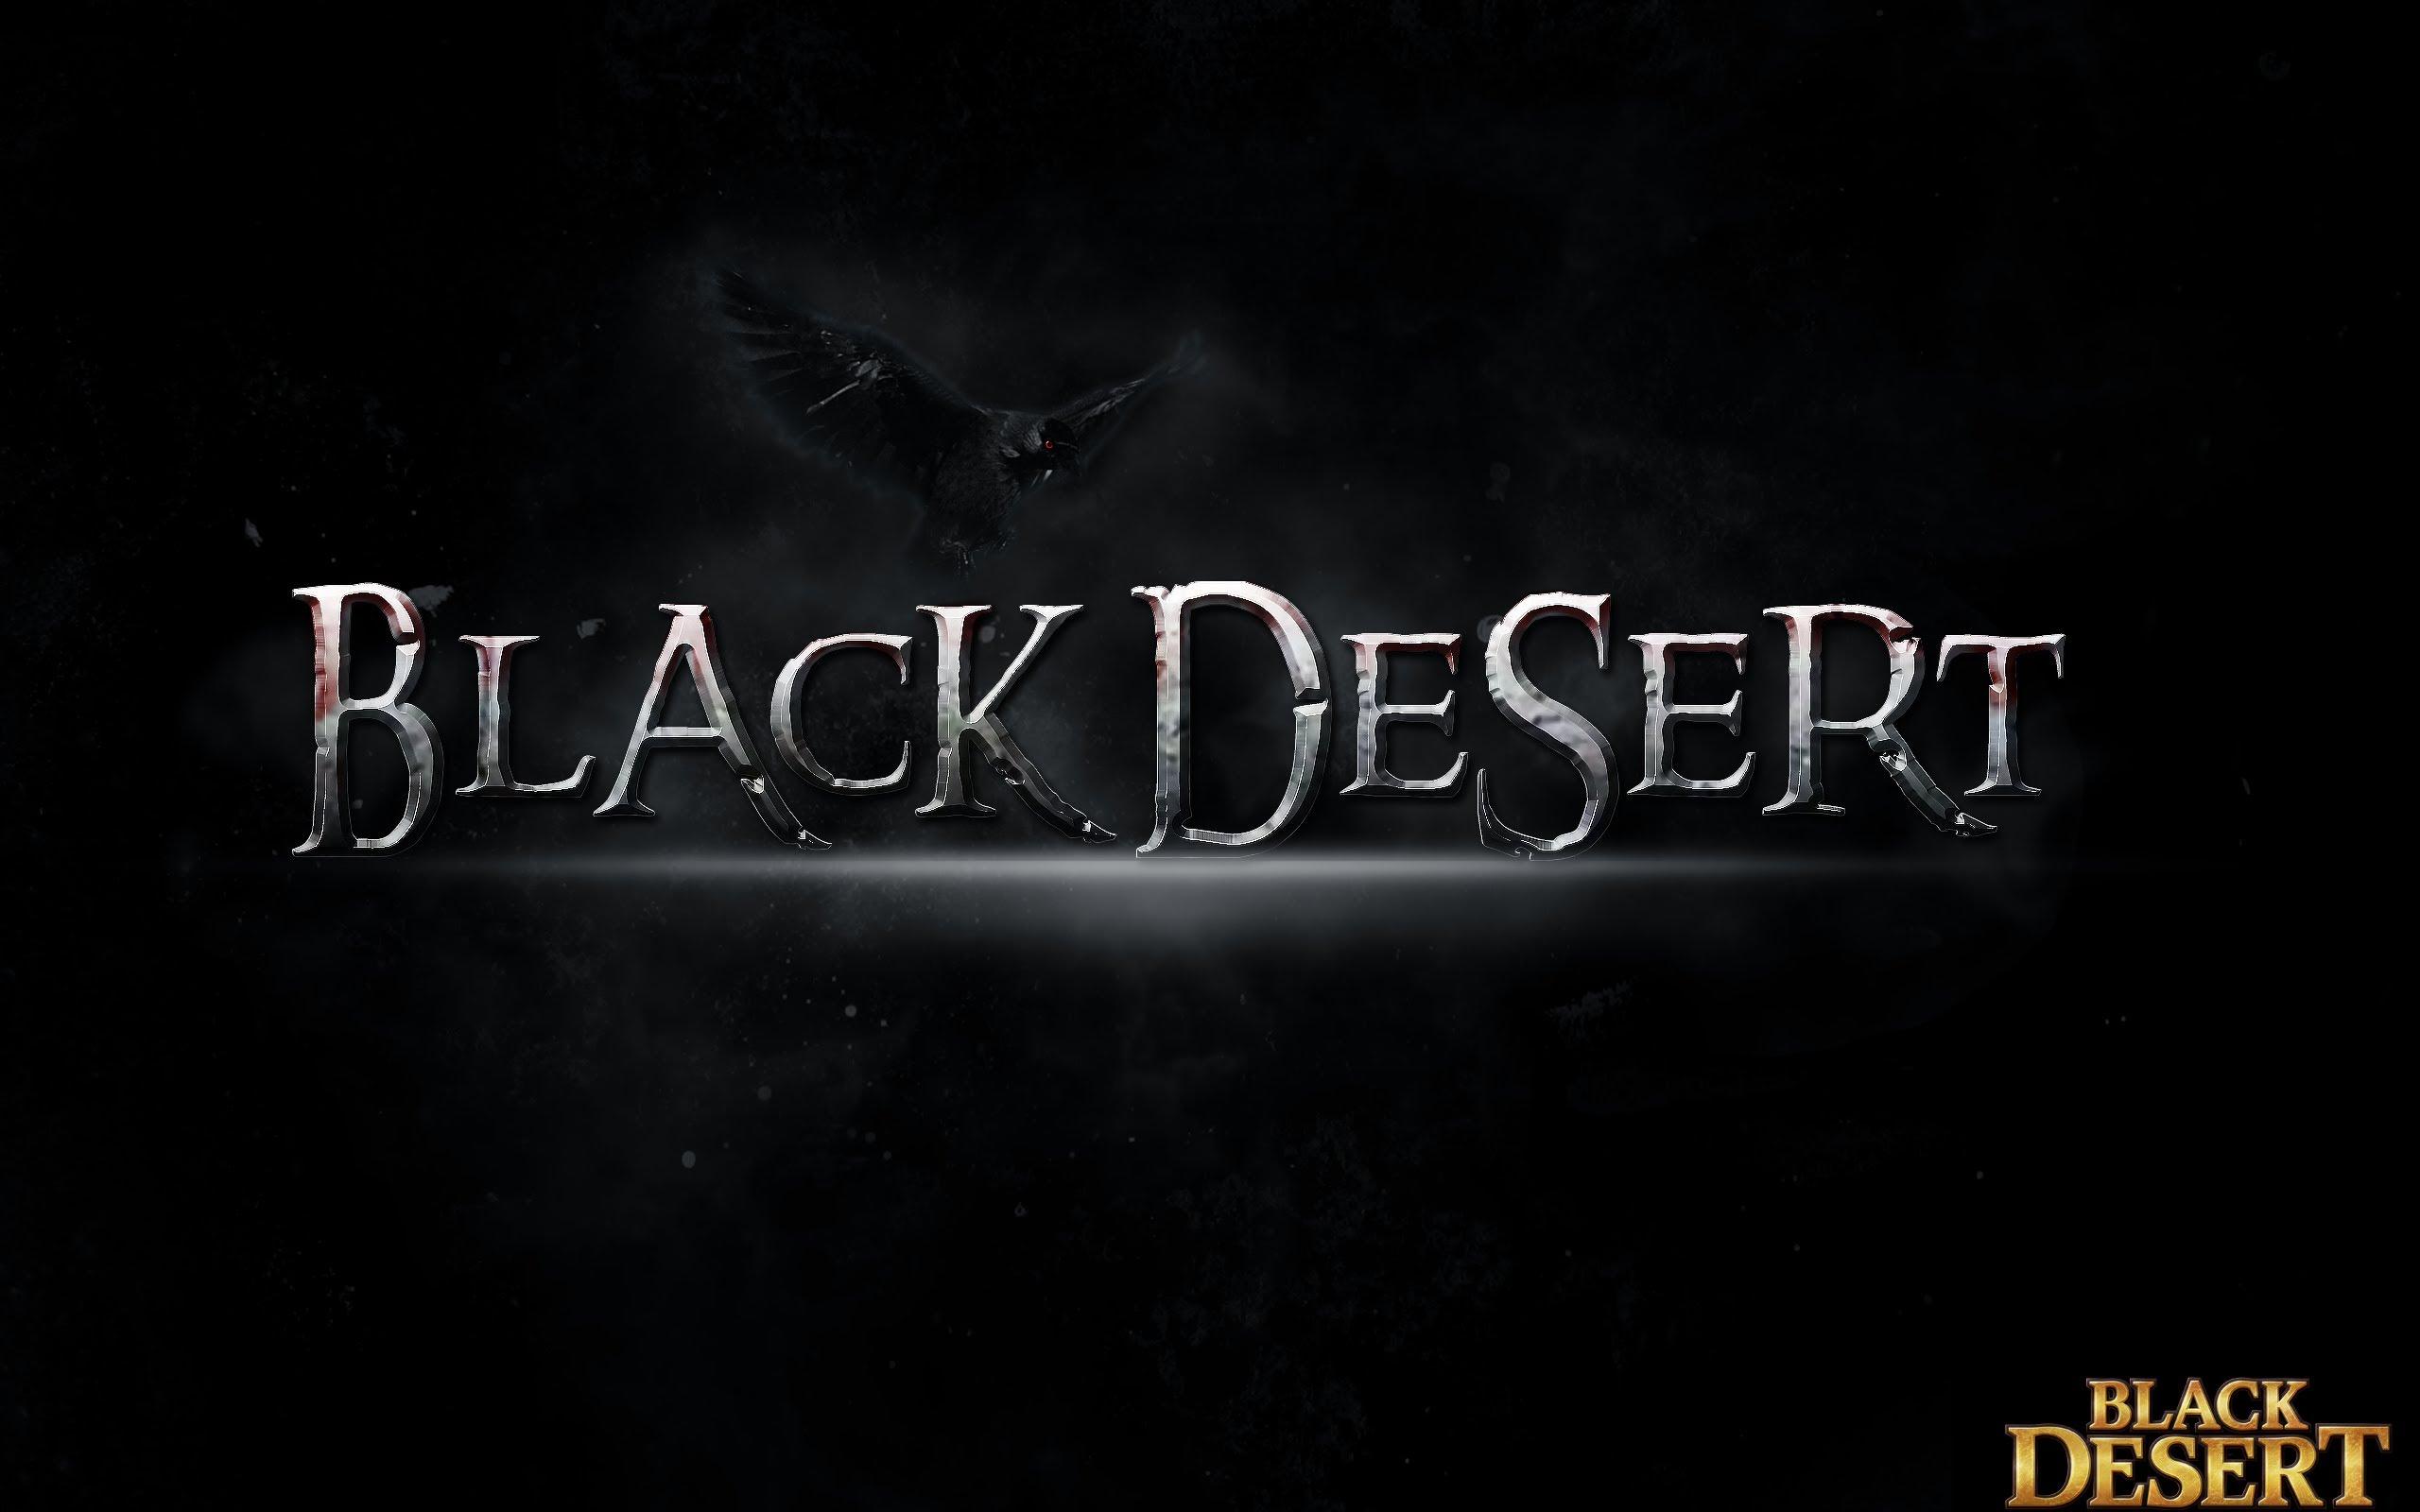 Black Desert HD Backgrounds